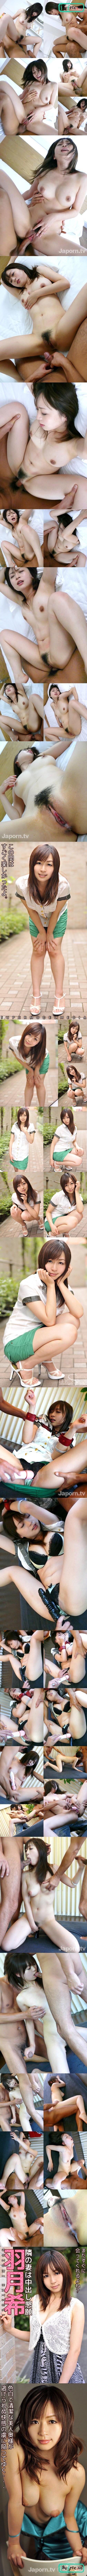 [SMD 19] S Model 19 : 羽月希 羽月希 上村佳奈 SMD Nozomi Hatsuki